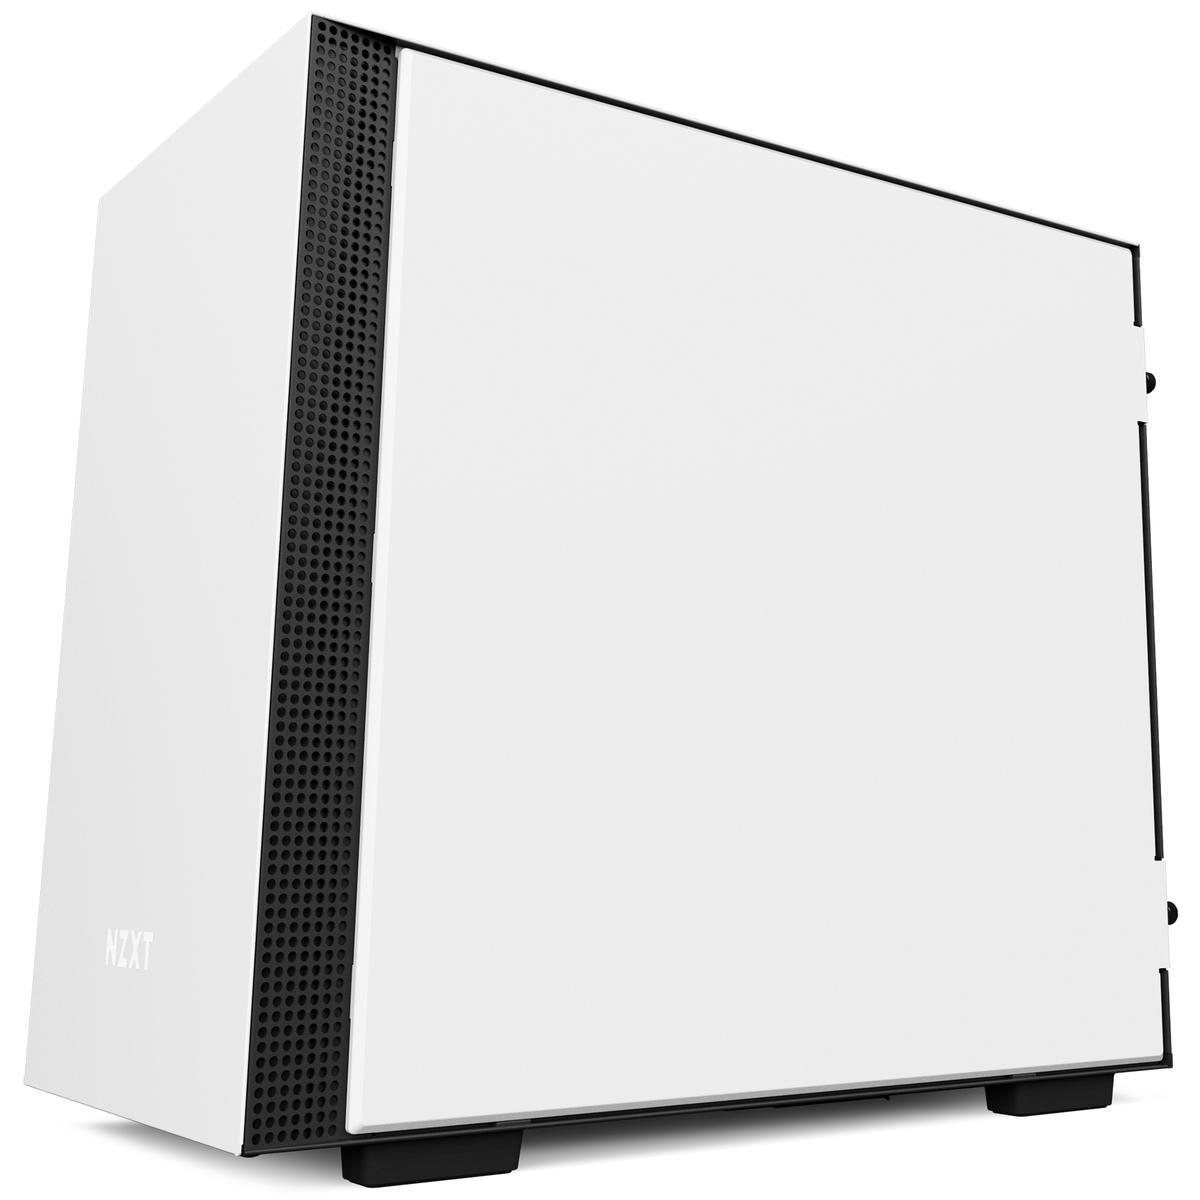 NZXT H200 Mini ITX Mini ITX Tower (Branco)